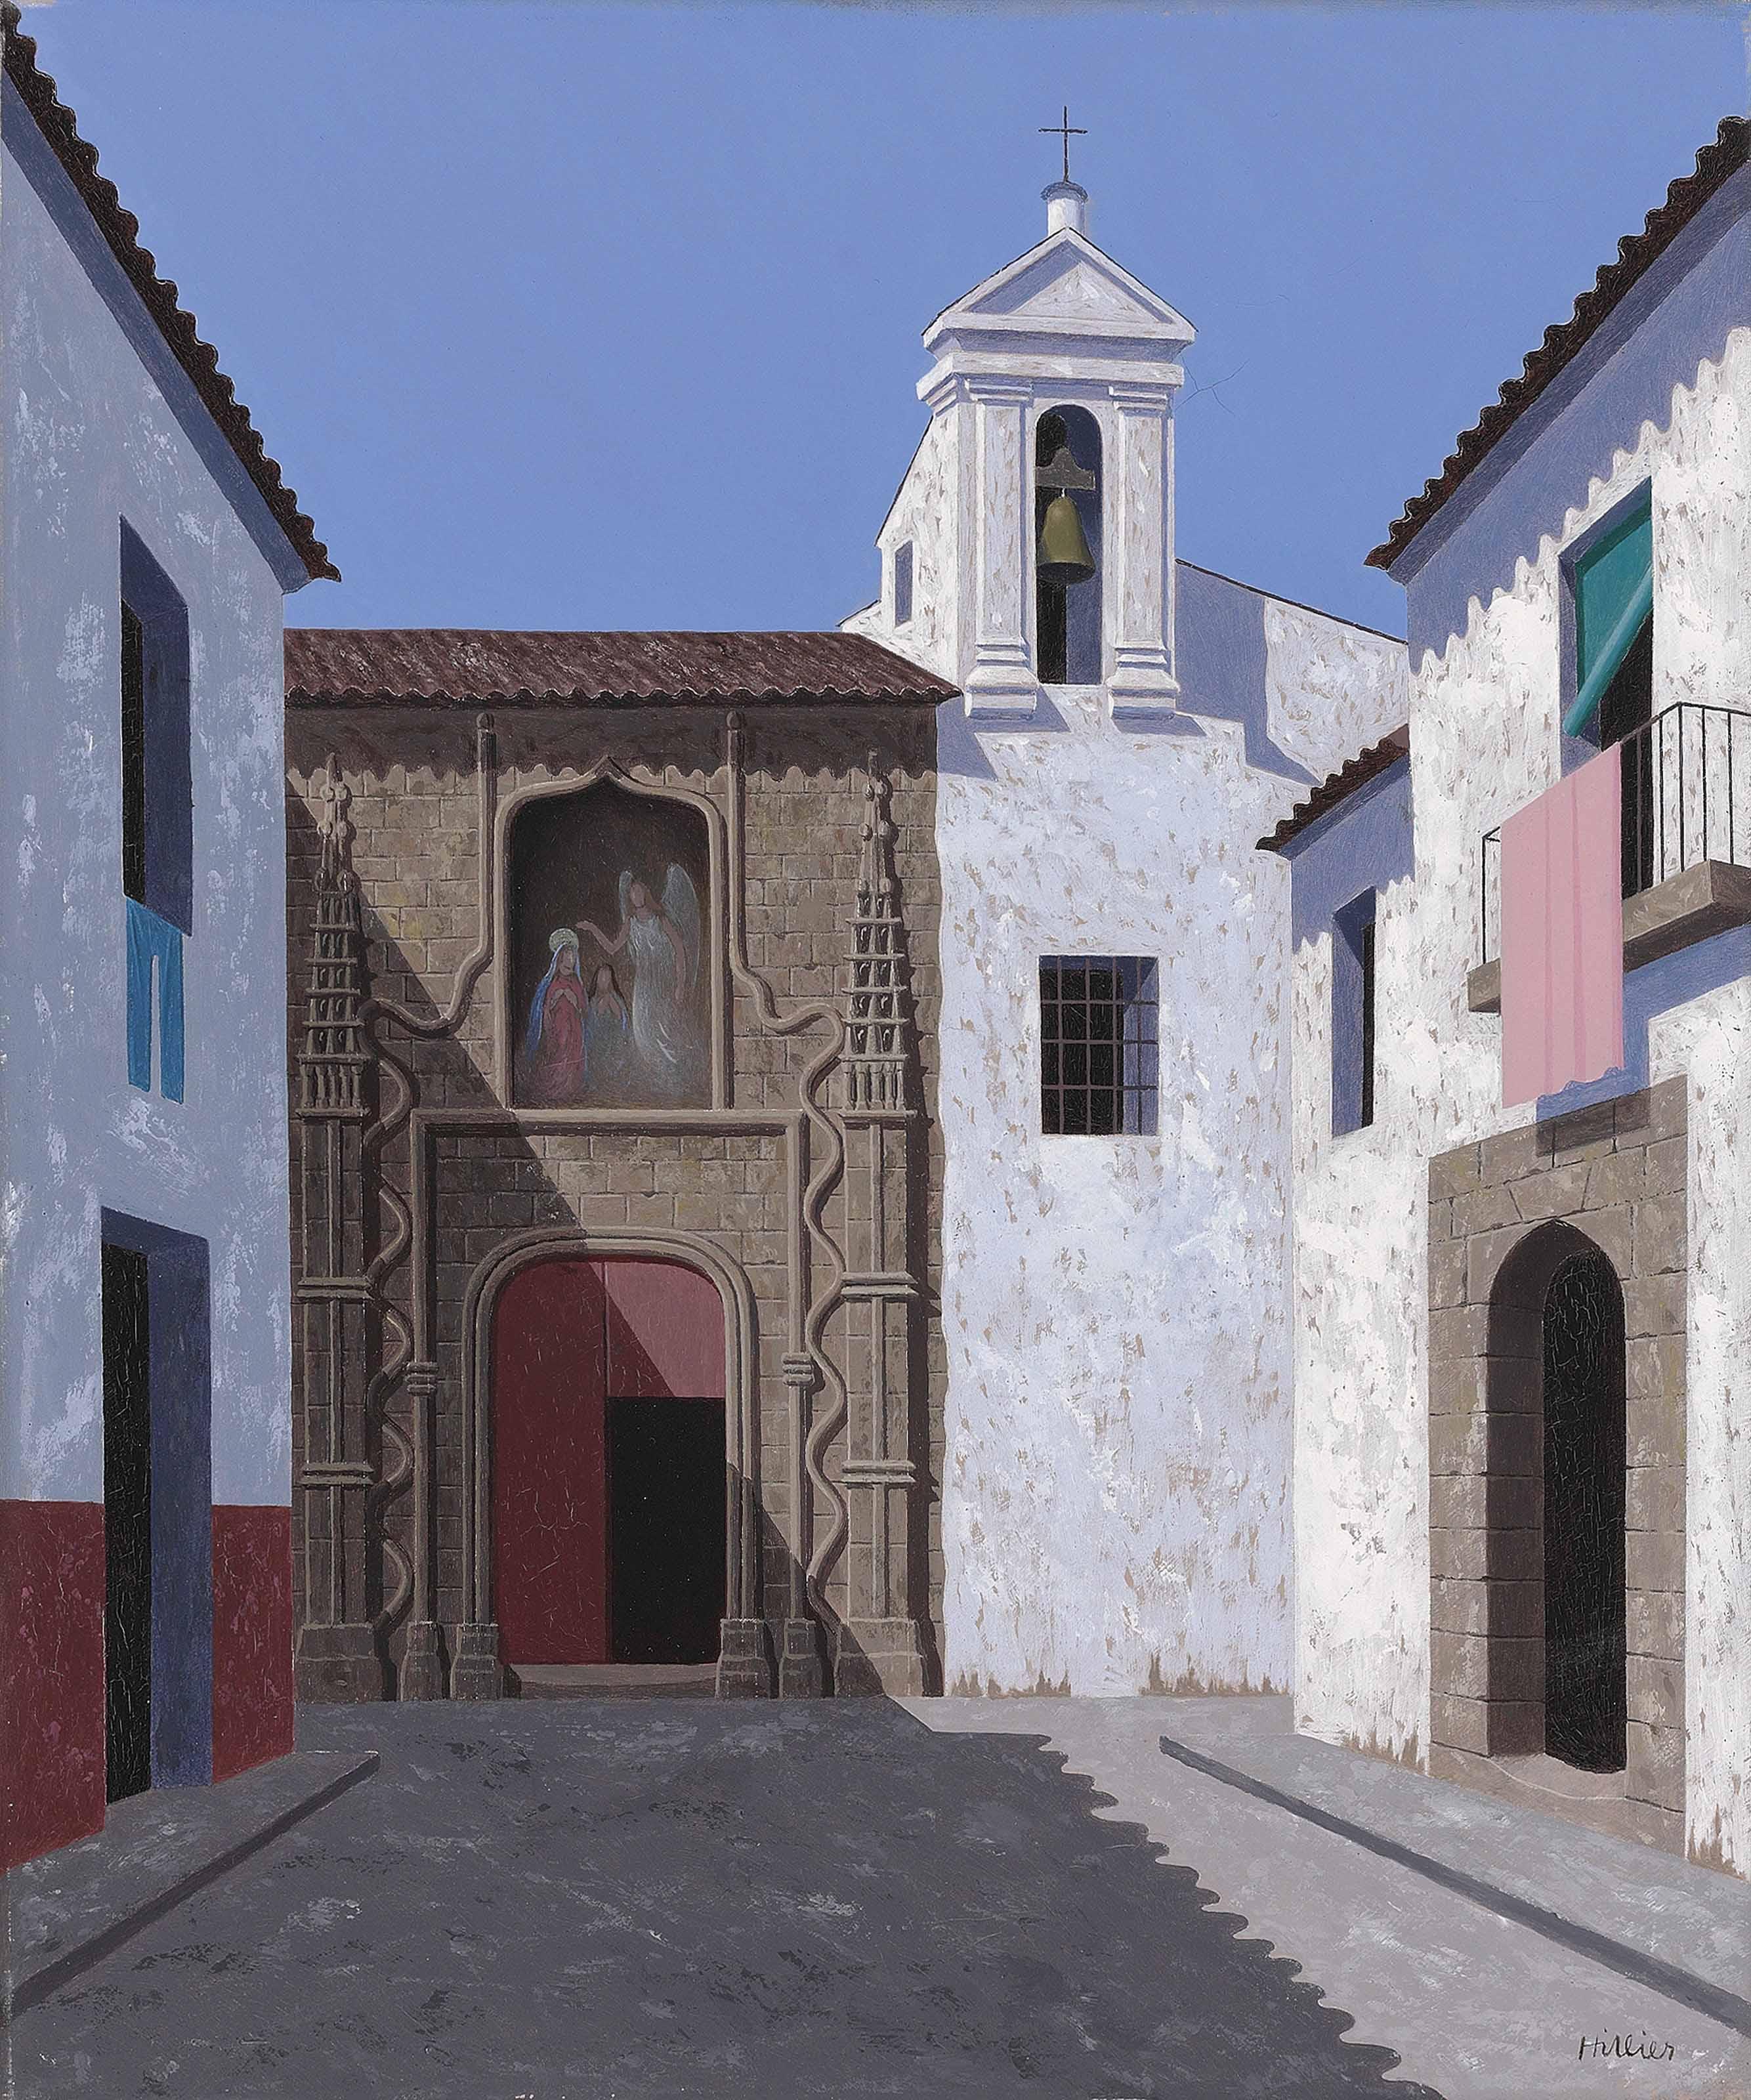 El Convento de Zafra